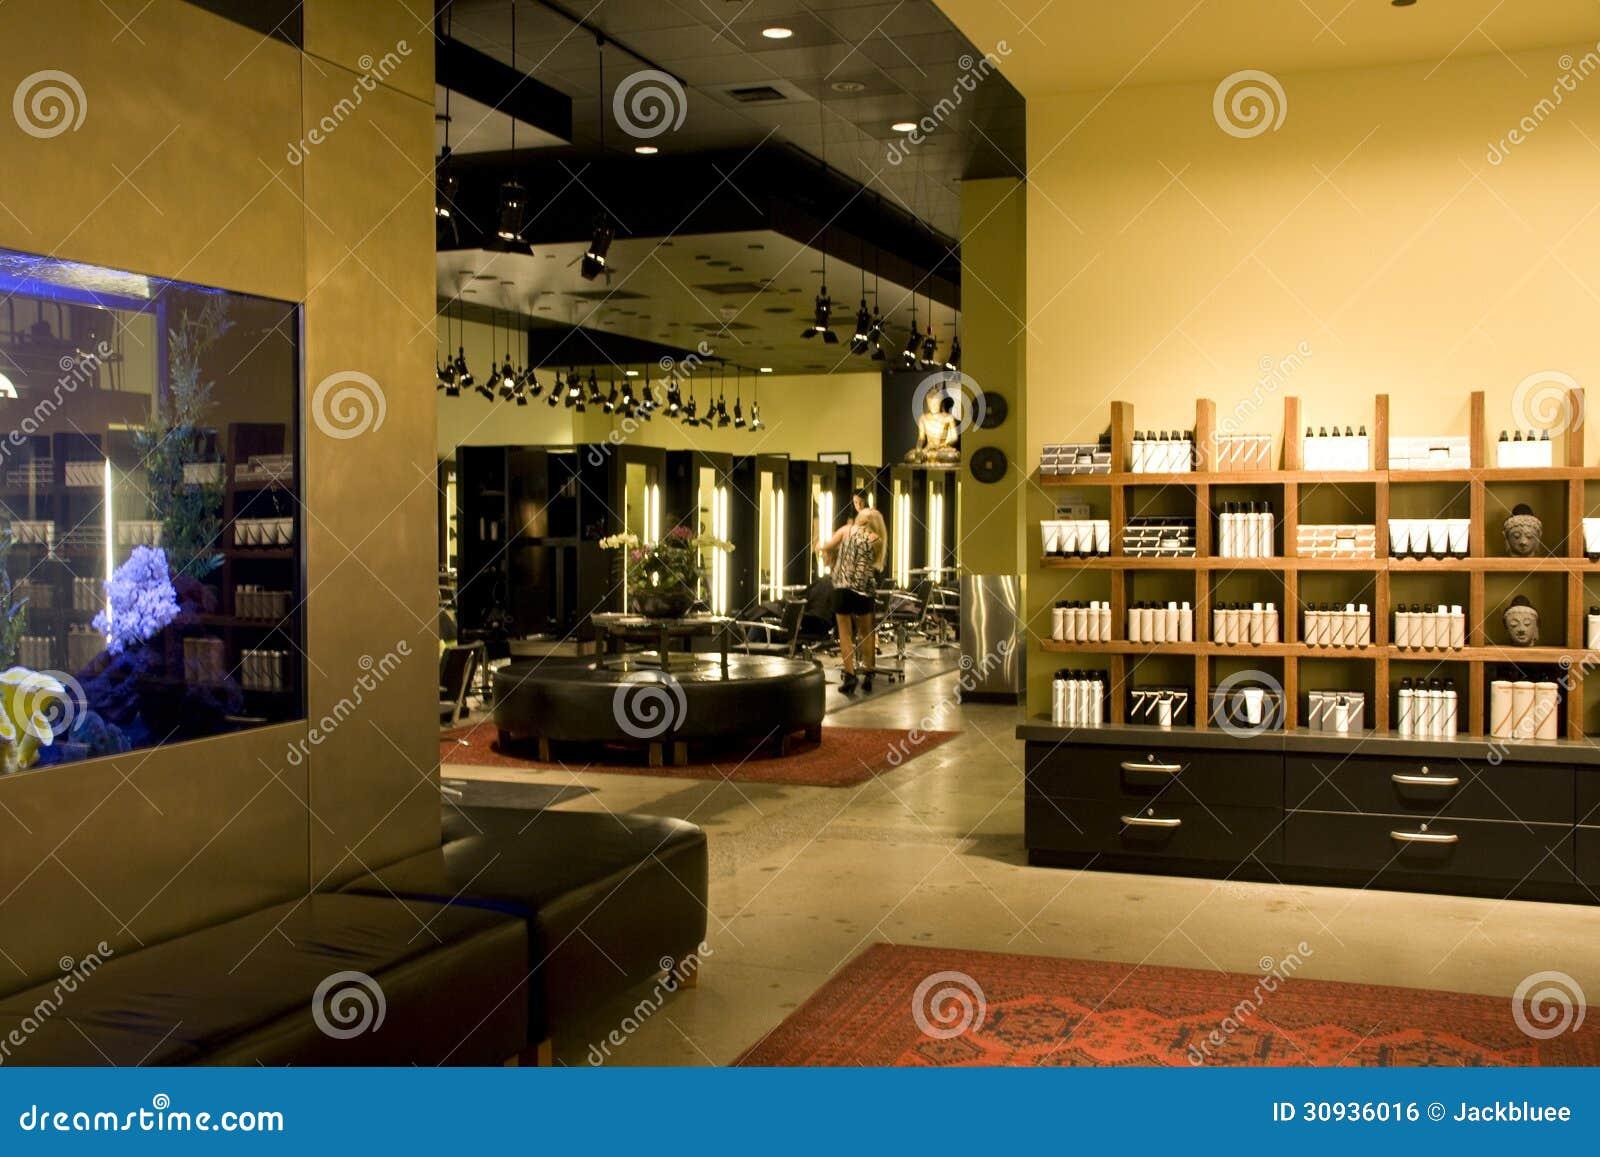 Salon interiors editorial photo image 30936016 for 7 salon bellevue square